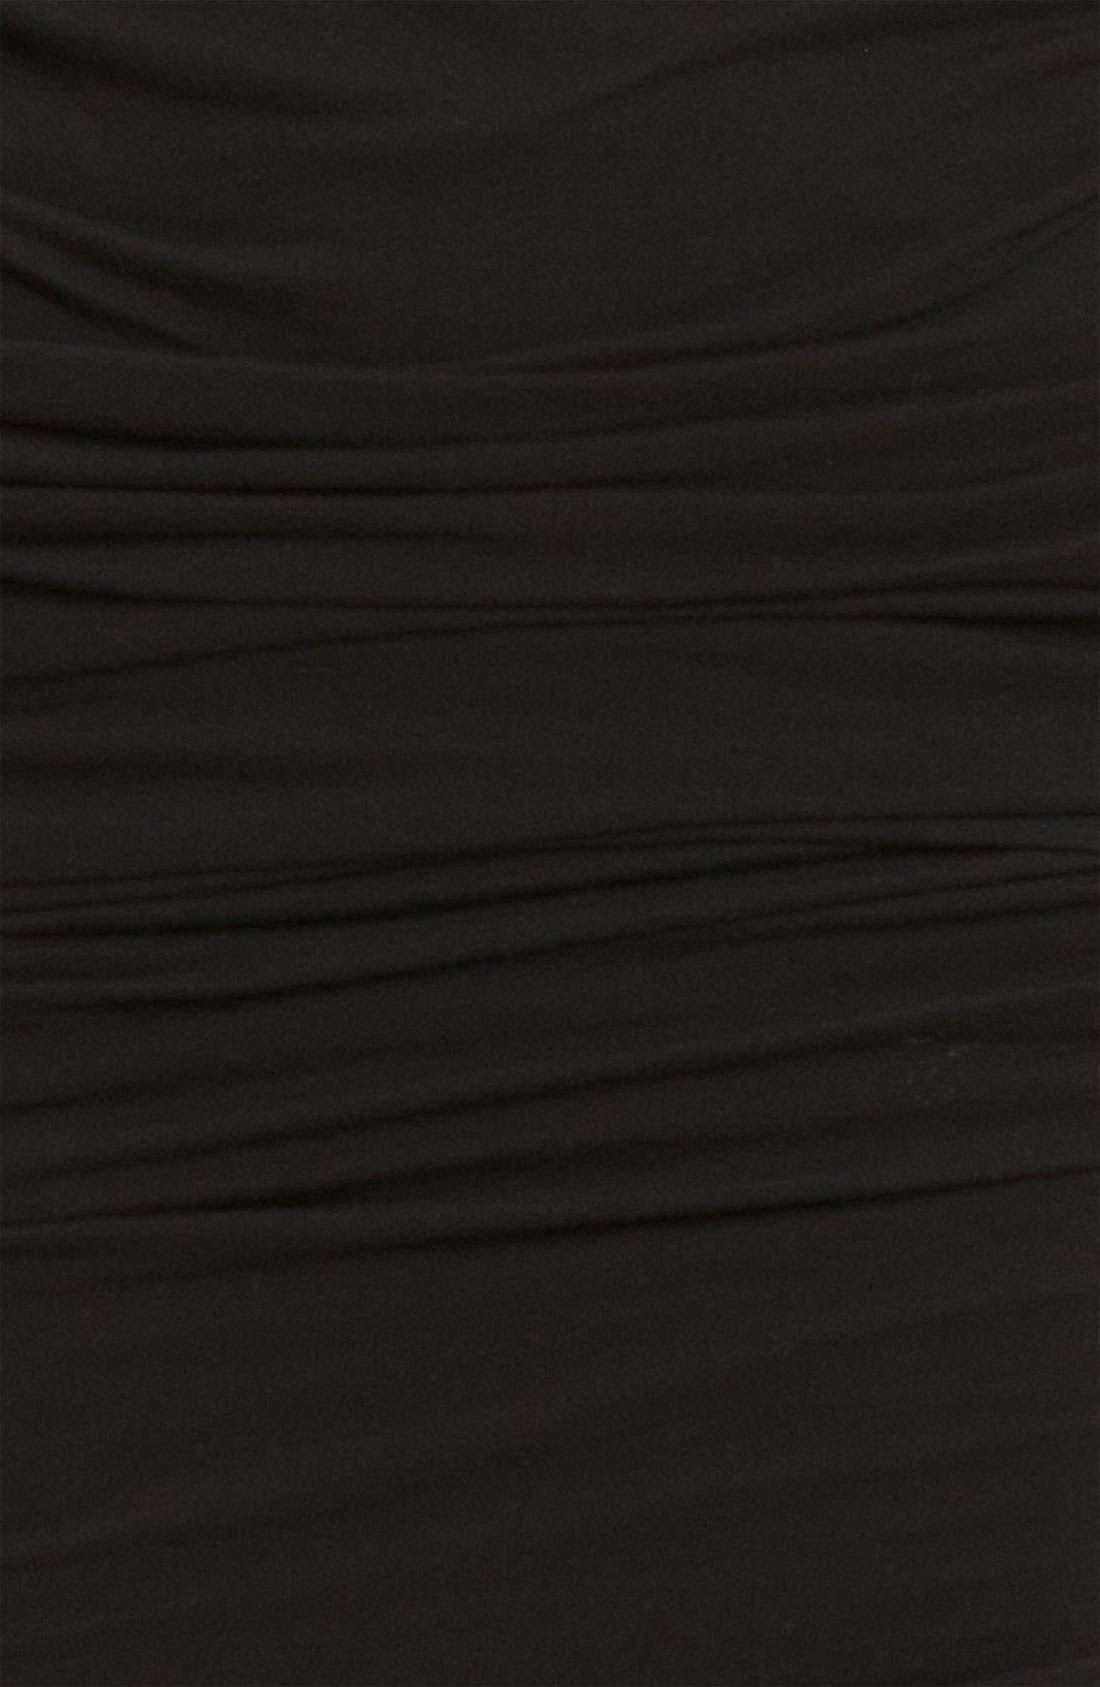 Alternate Image 3  - James Perse Ruched V-Neck Dress